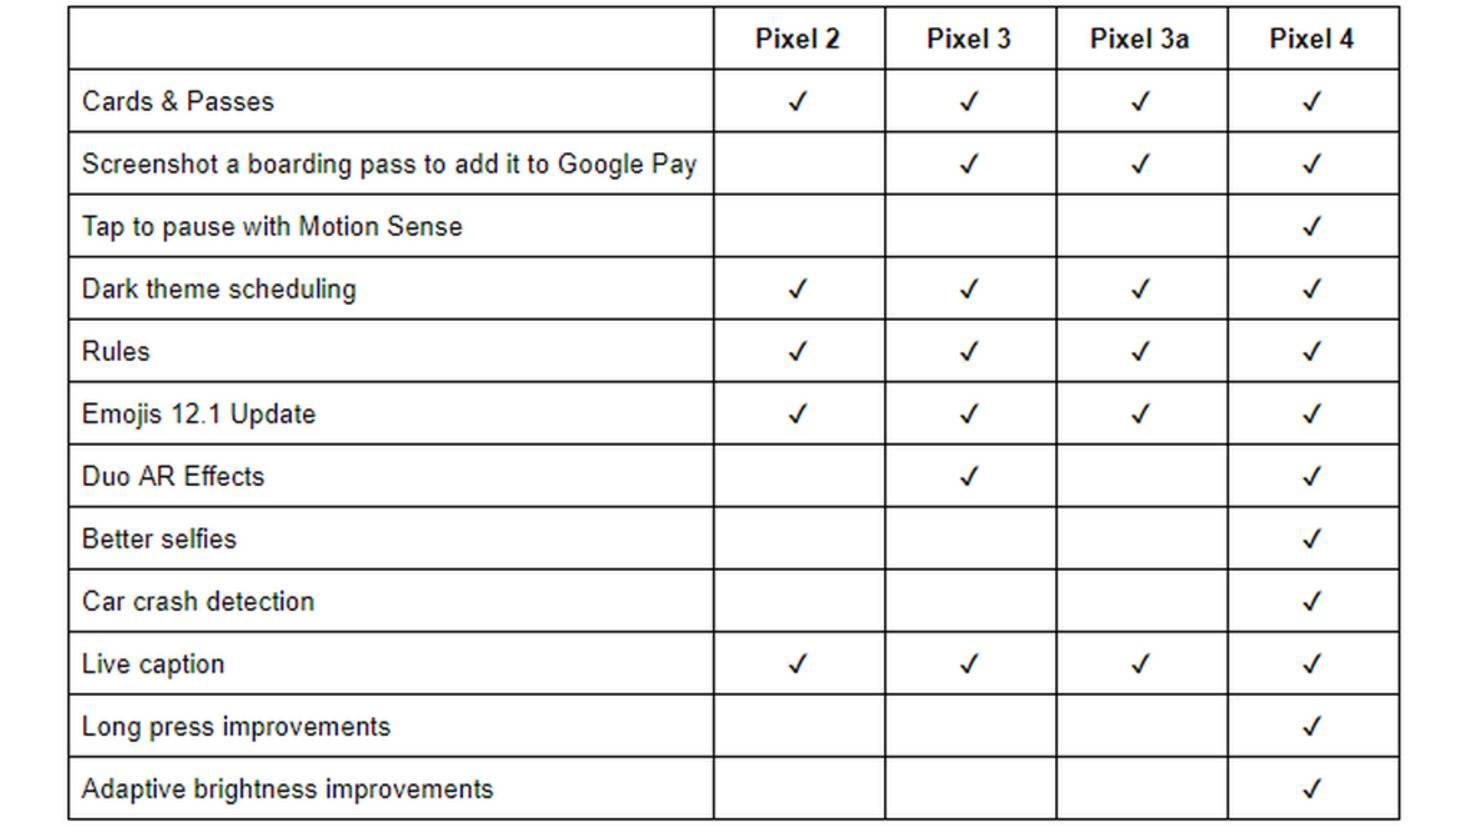 google-pixel-updates